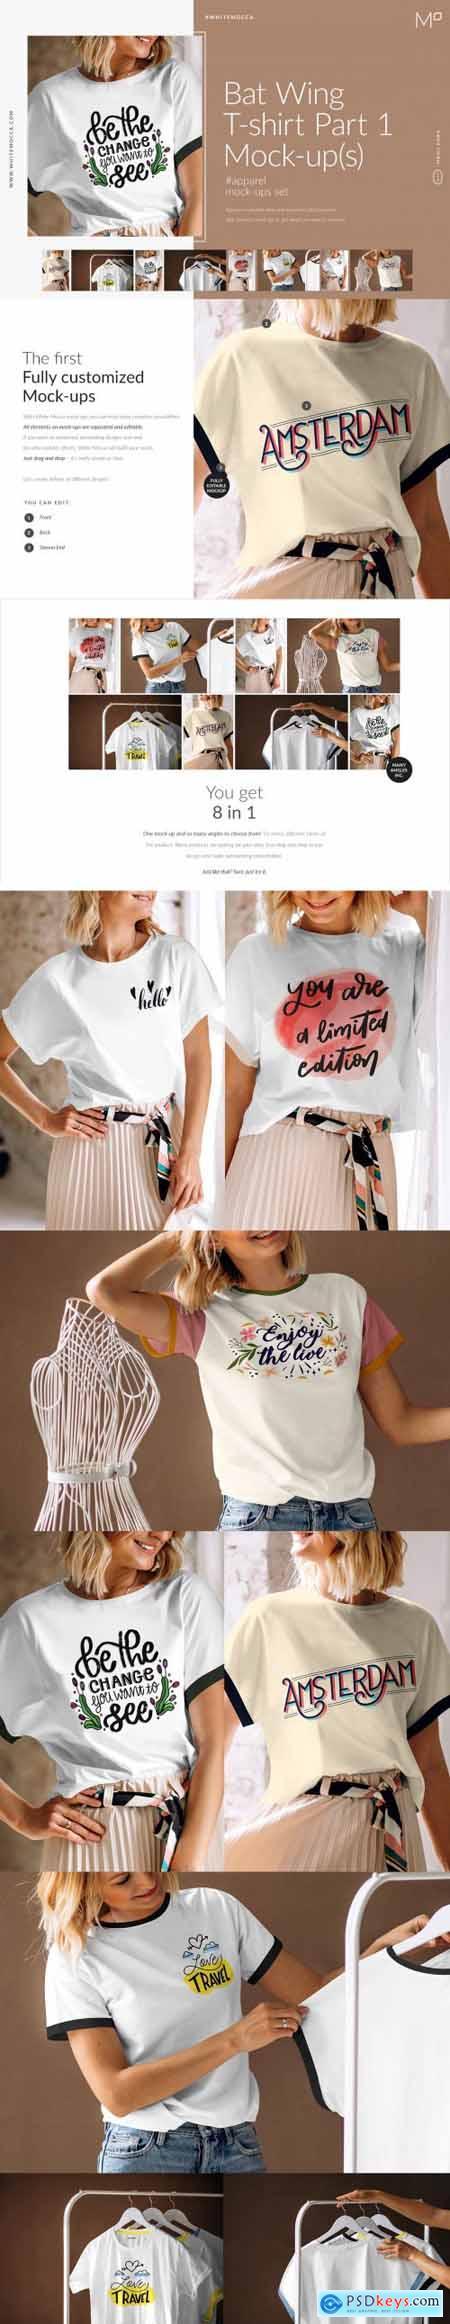 Bat Wing T-shirt Part 1 Mock-ups Set 4468912